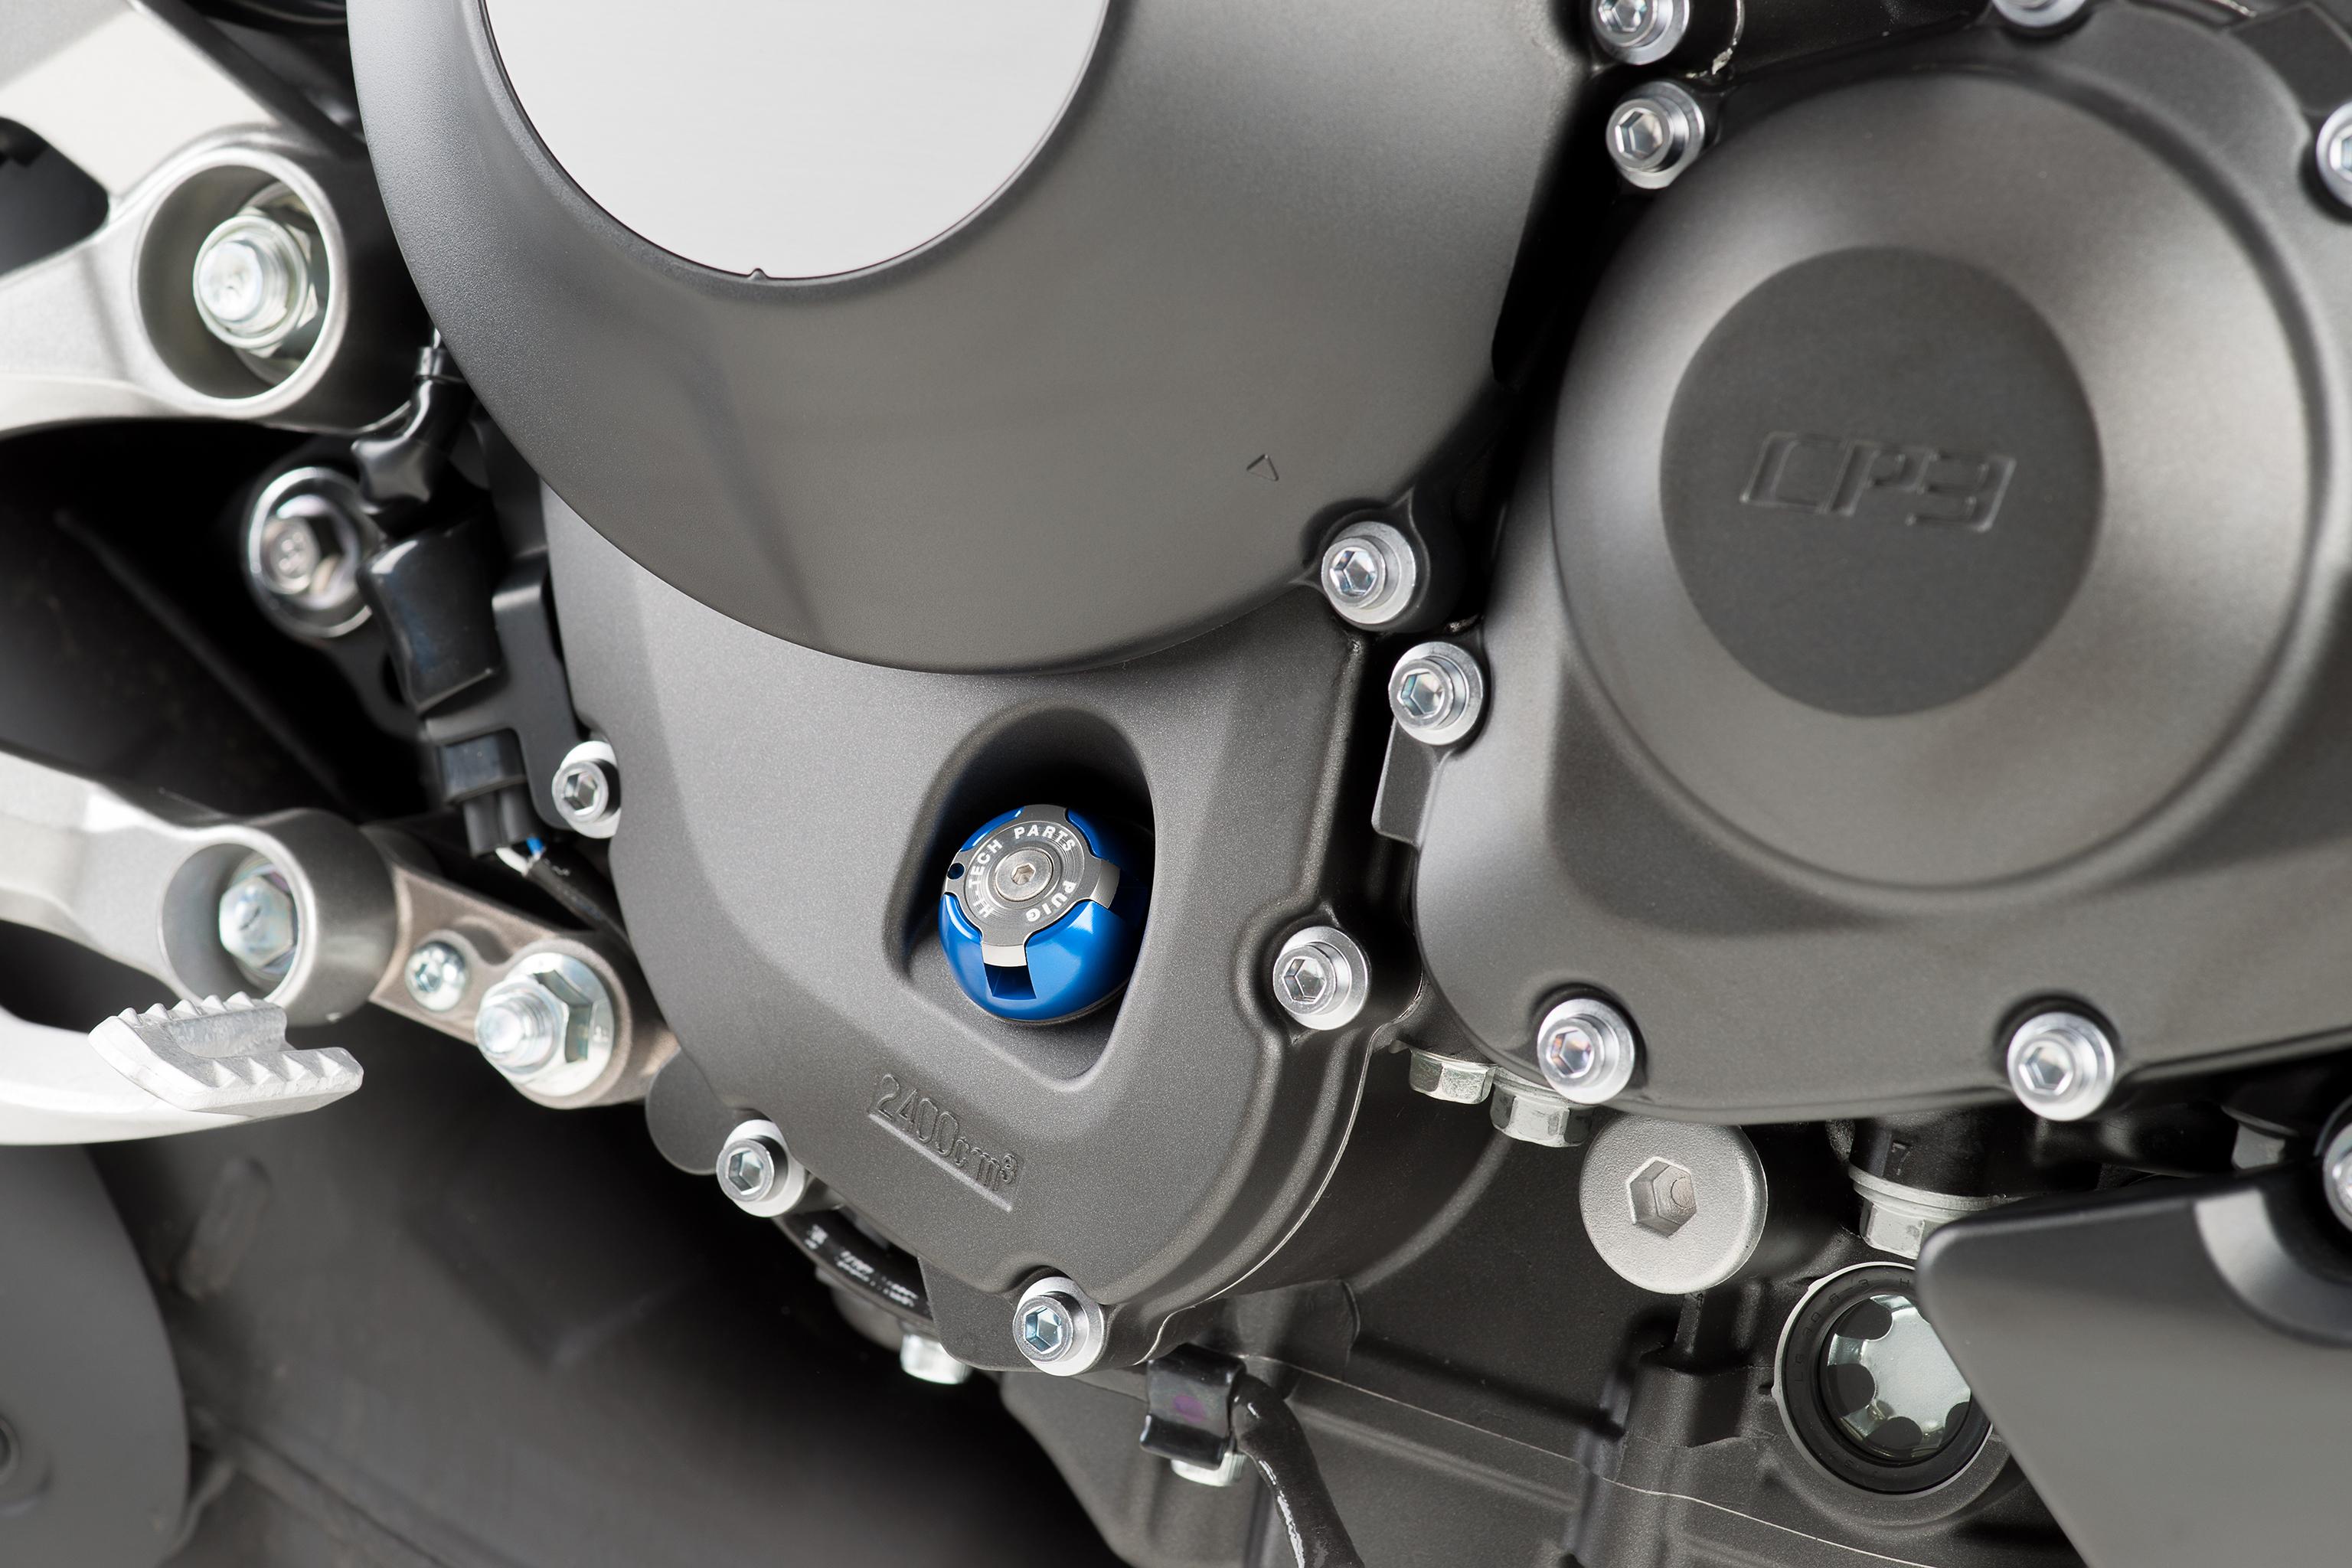 6781-PUIG-Tapon-aceite-carter-HI-TECH-aluminio-YAMAHA-MT09-2013-2017 miniature 2